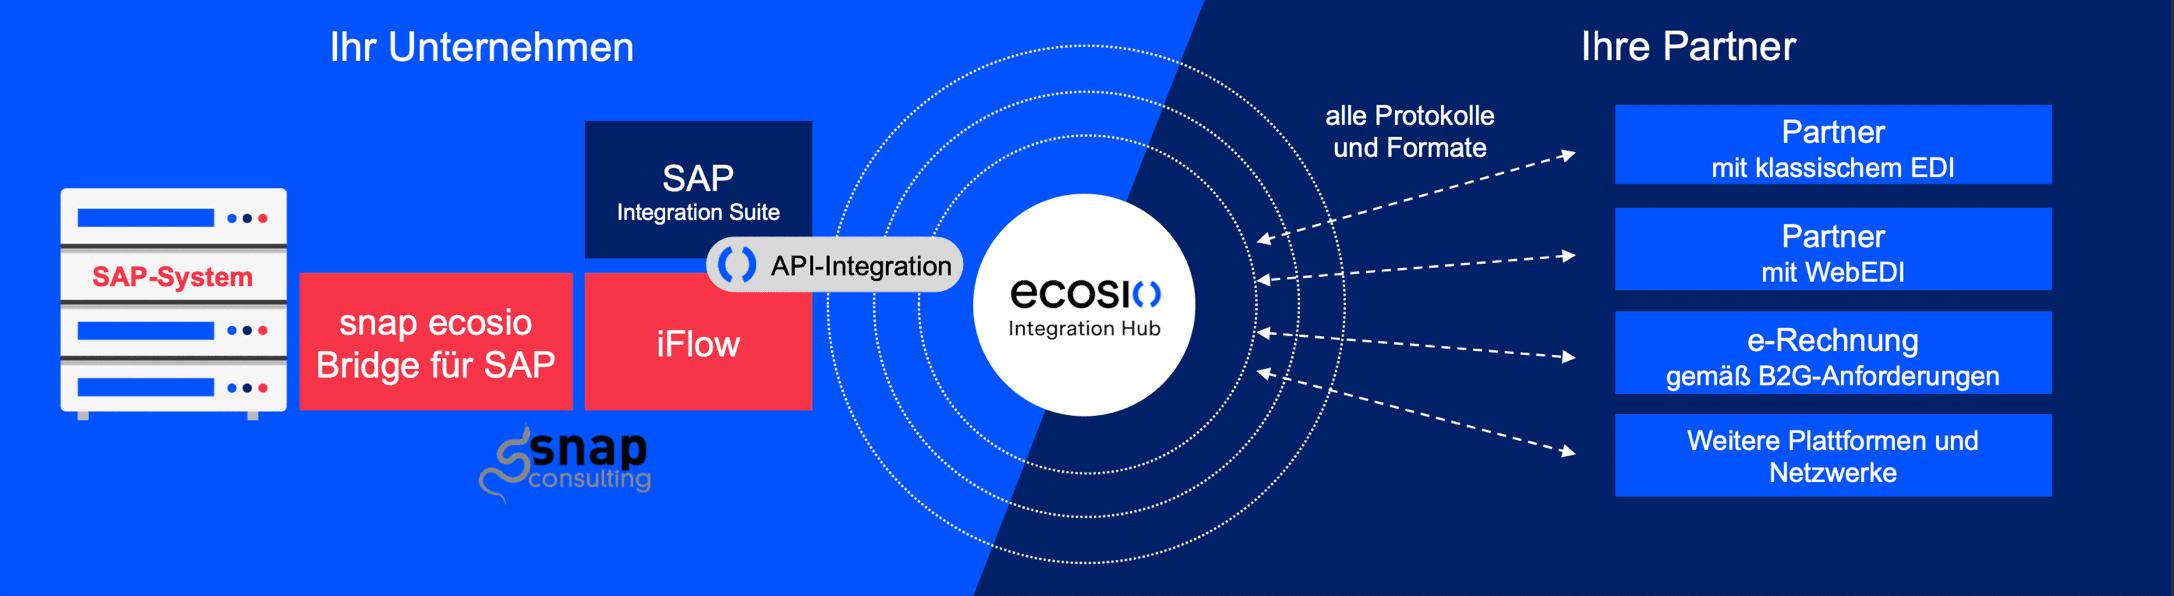 Für SAP Integration Suite